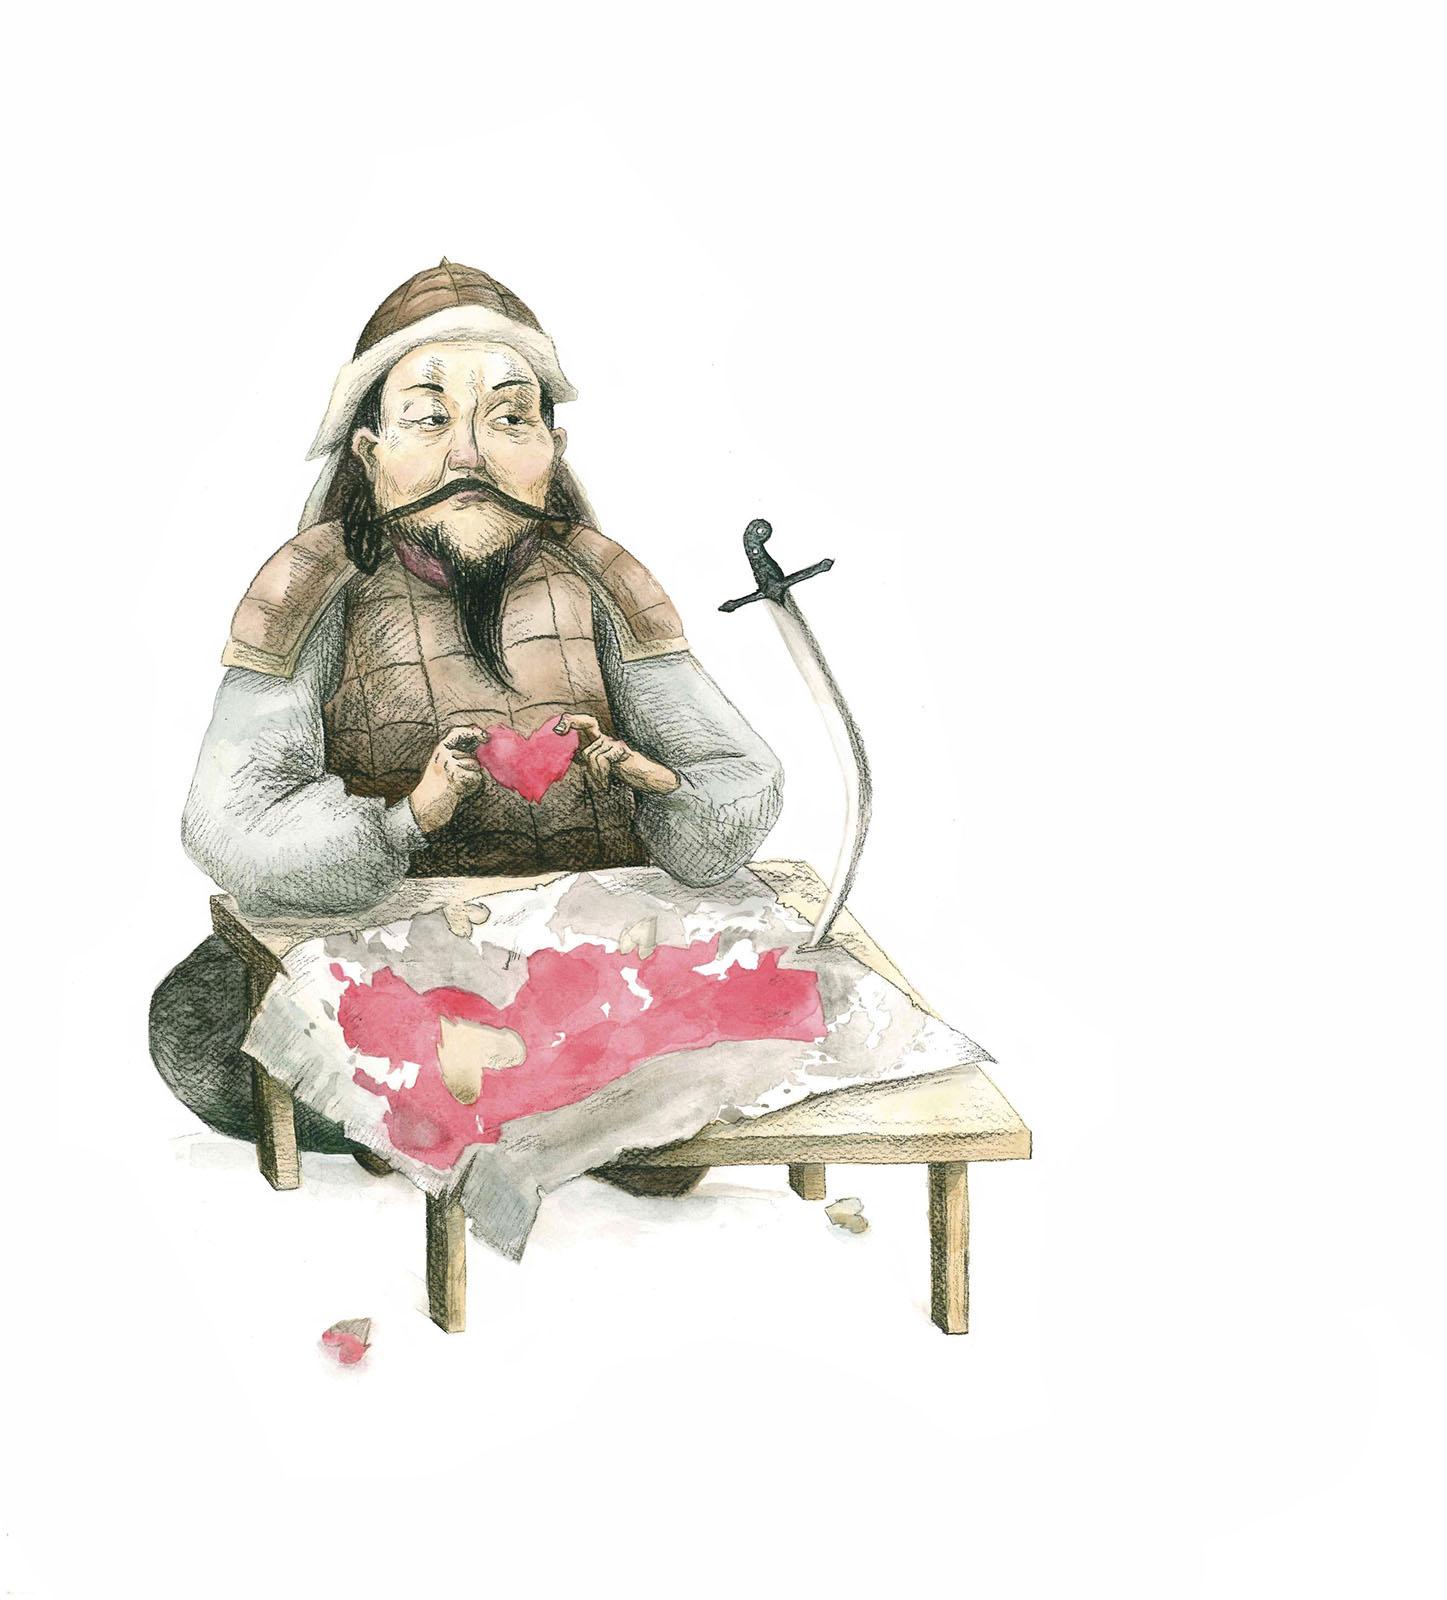 Illustration by Sydney Clayton